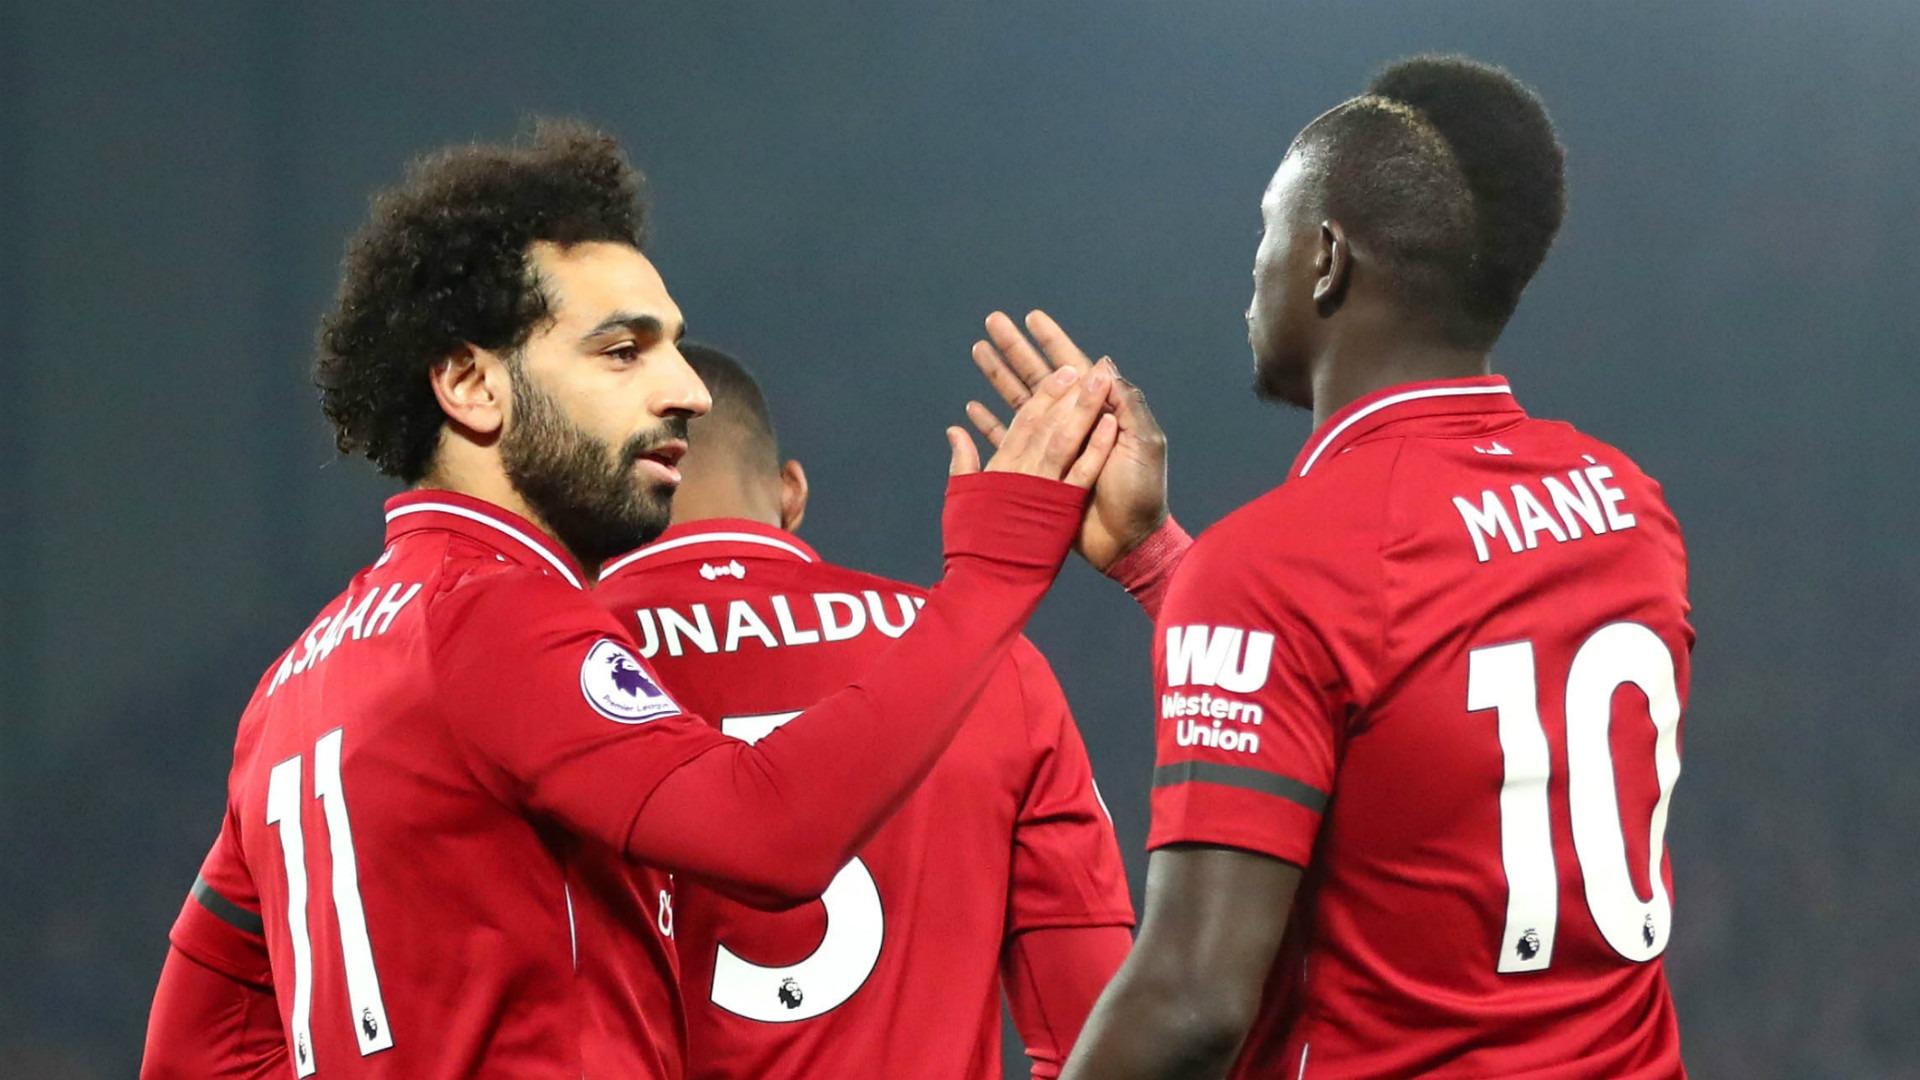 شاهد أهداف محمد صلاح في مباراة ليفربول ضد هدرسفيلد.. الأول عالمي